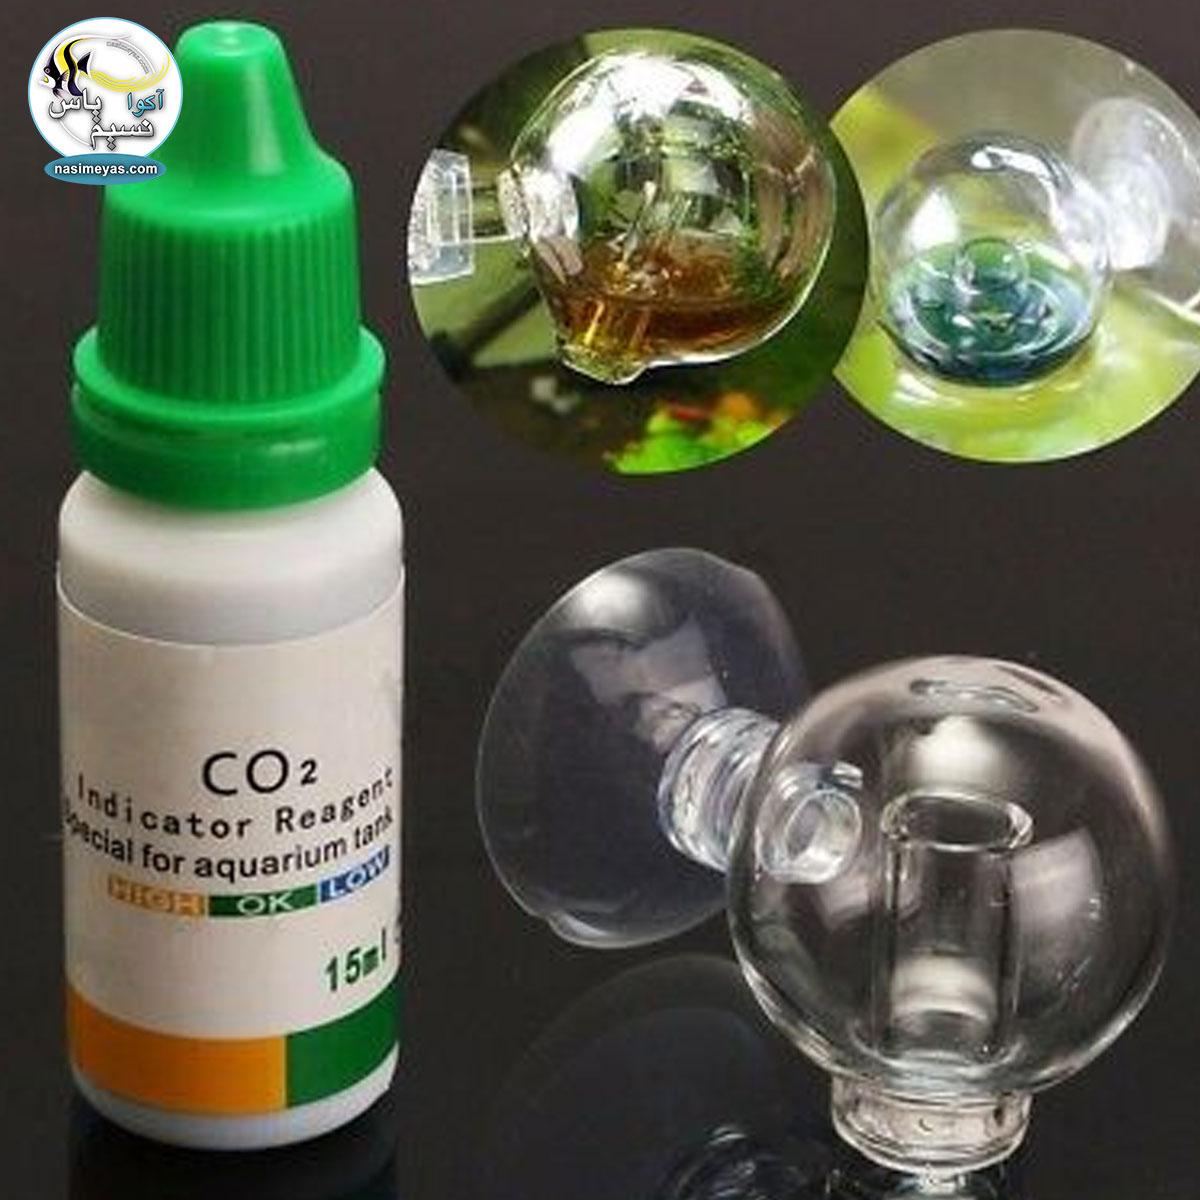 ViV glass co2 Drop checker for aquarium planted tank